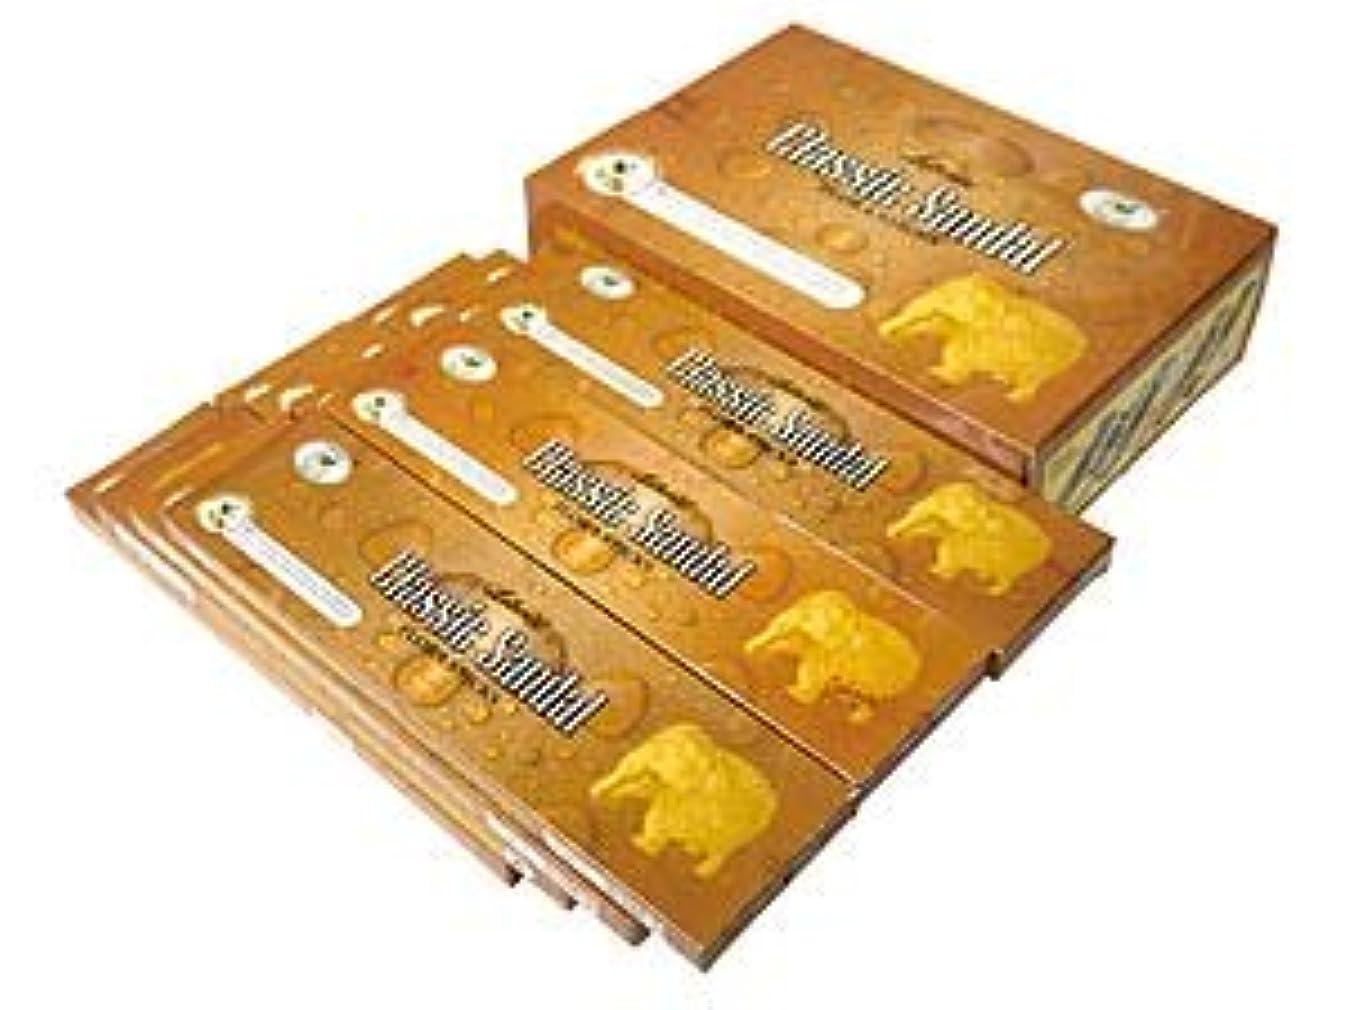 口ひげ薄汚い高めるLIBERTY'S(リバティーズ) クラシックサンダル香 スティック CLASSICSANDAL 12箱セット